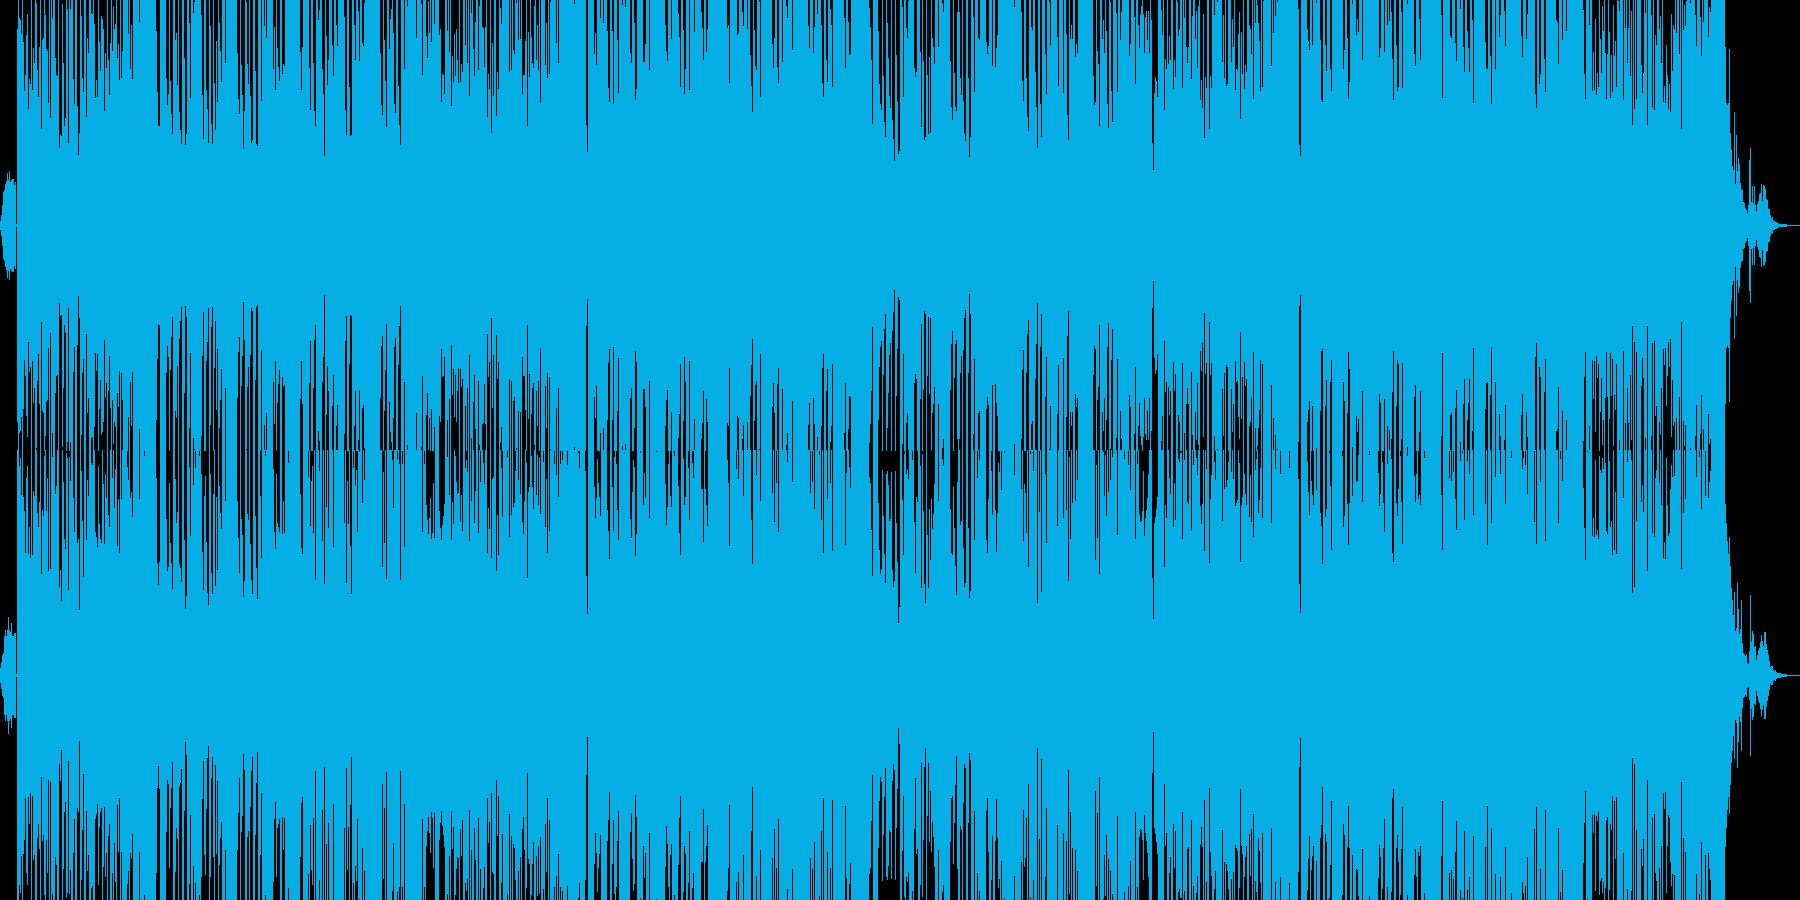 ダンス系EDM/イケメンになる曲の再生済みの波形